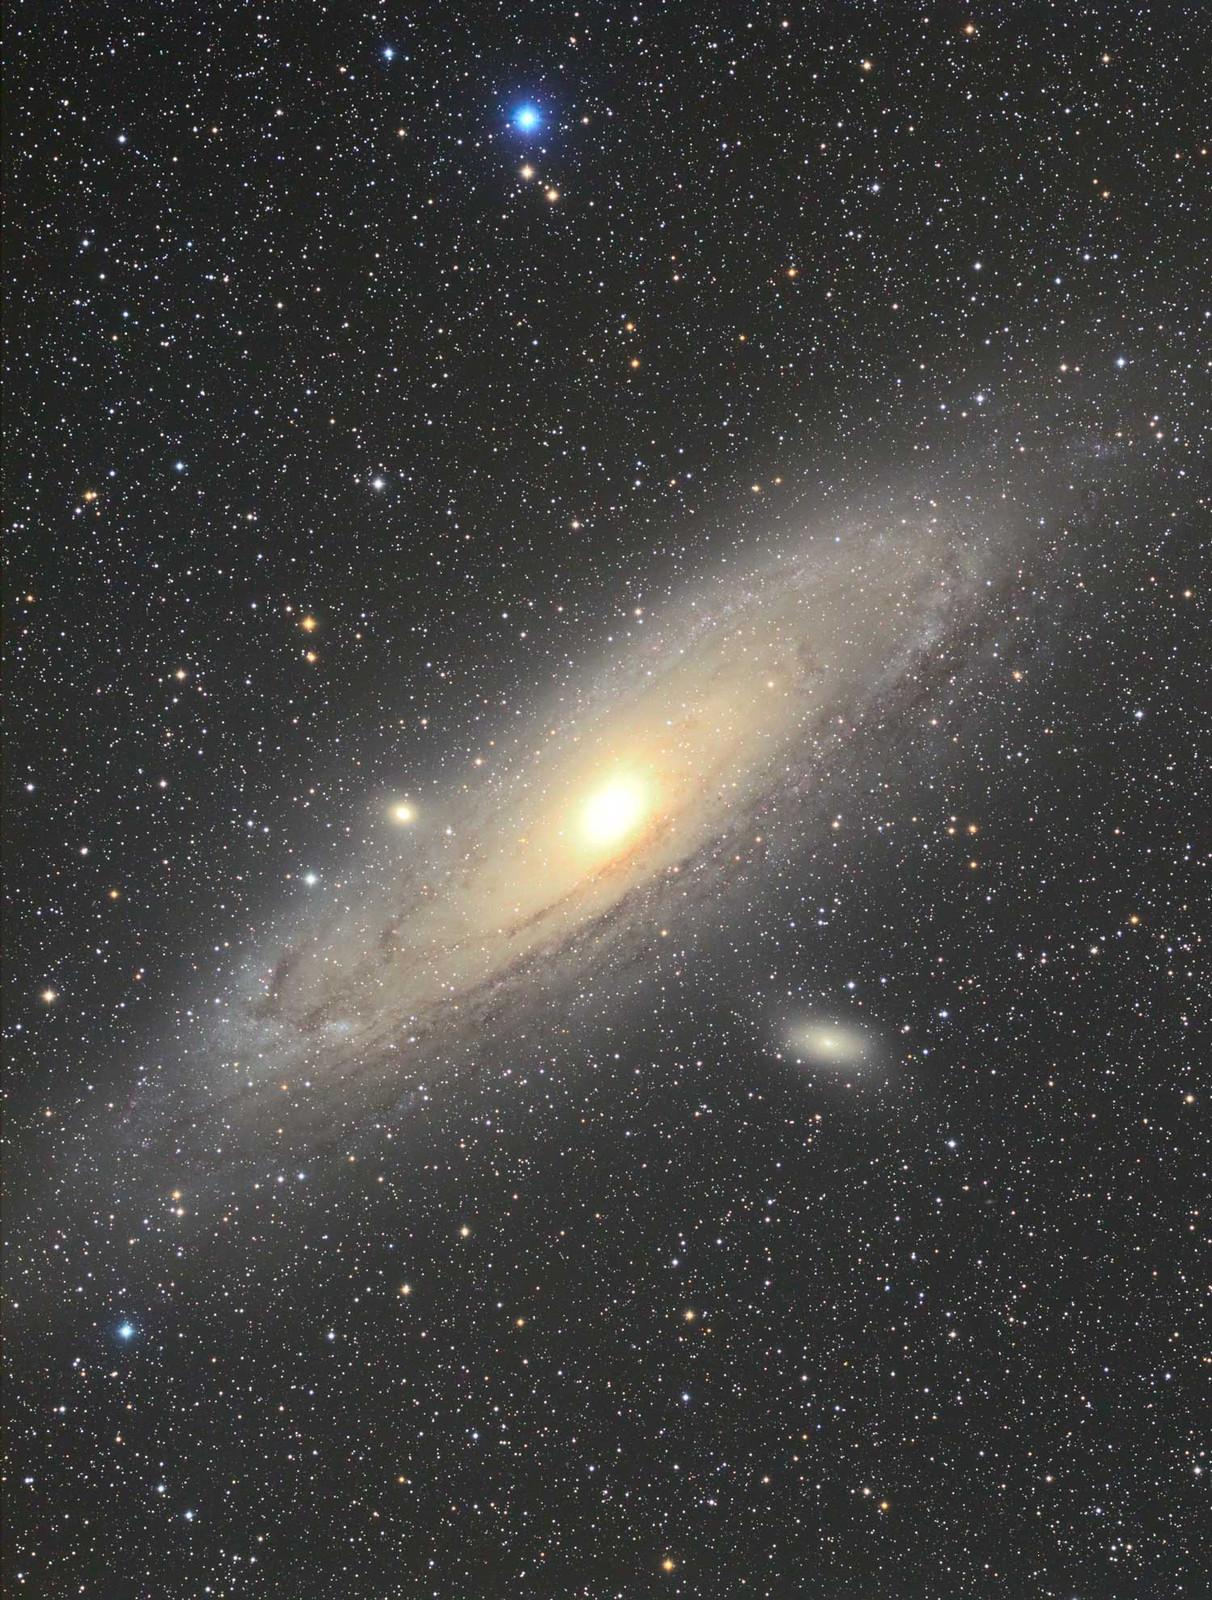 M31_lrgb_0905_1